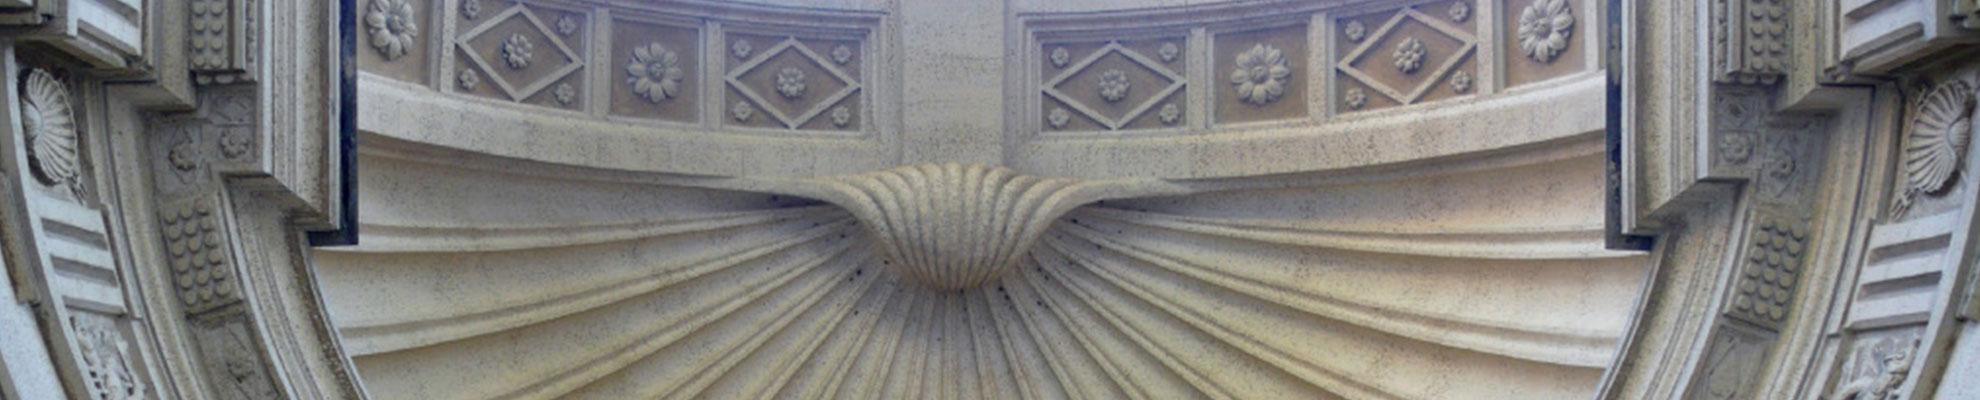 Manovra architetti roma stop a centrale progettazione for Roma ordine architetti